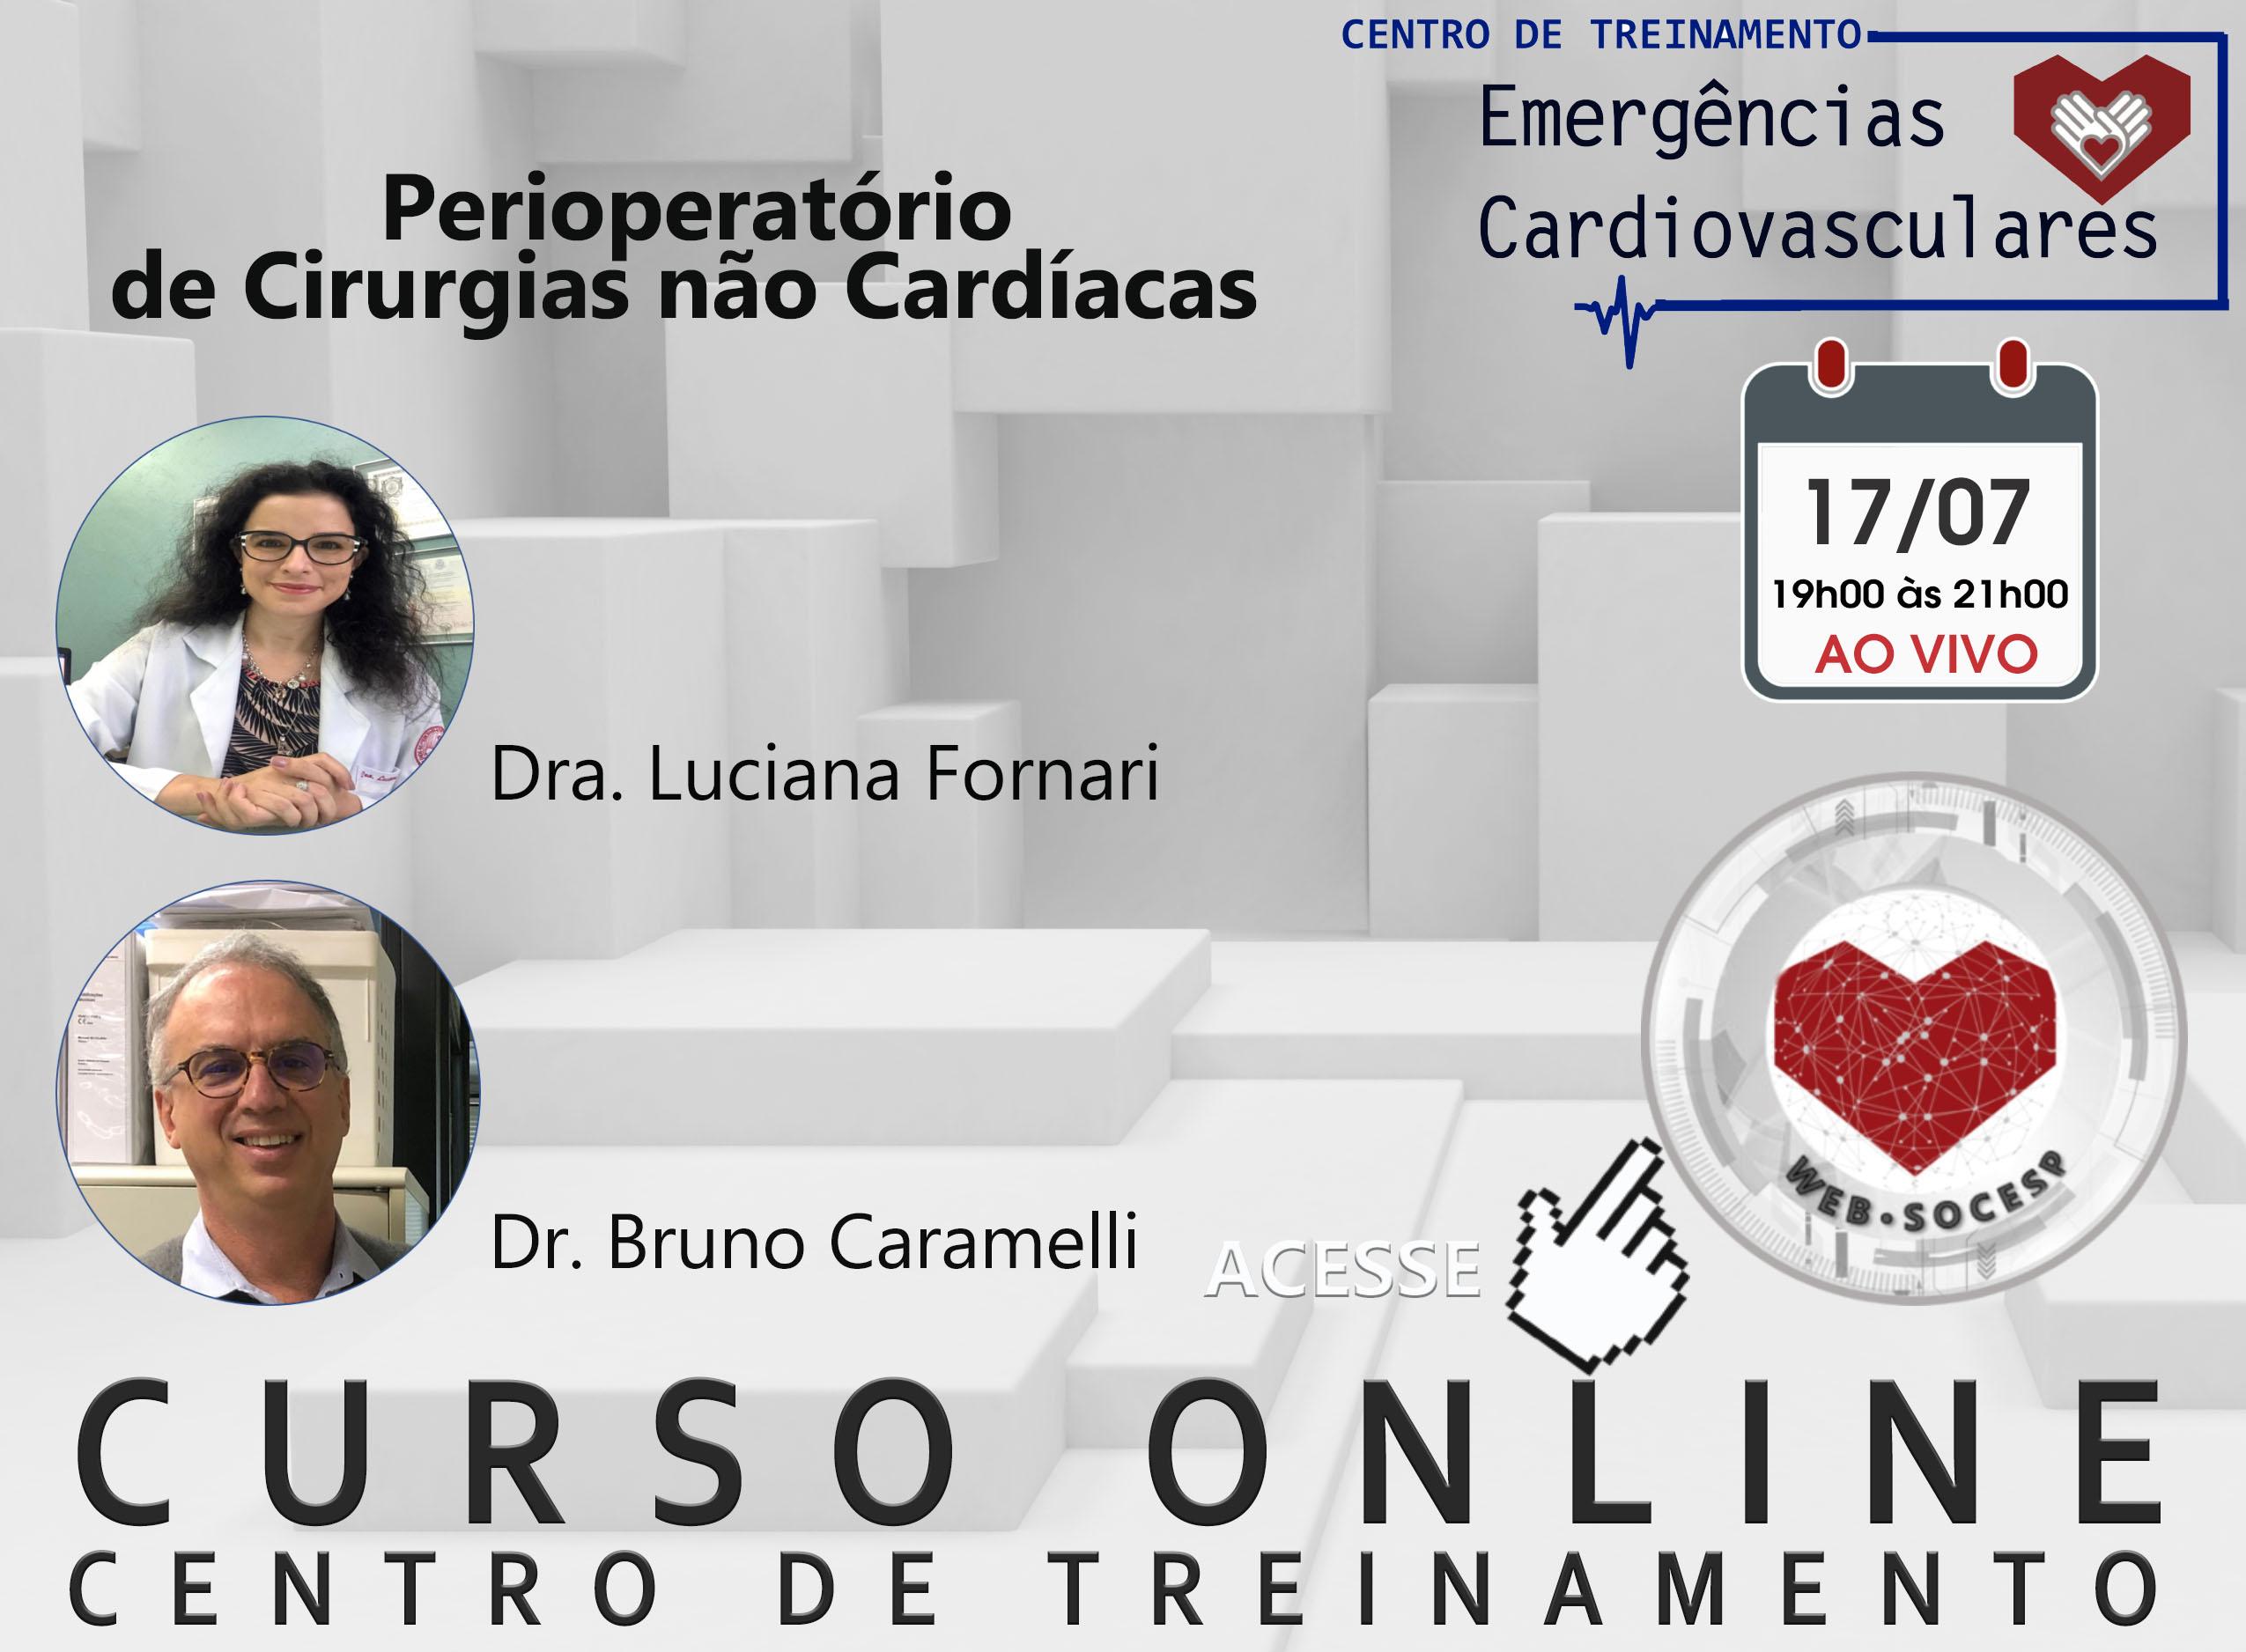 Imagem Tema: Perioperatório de Cirurgias não cardíacas